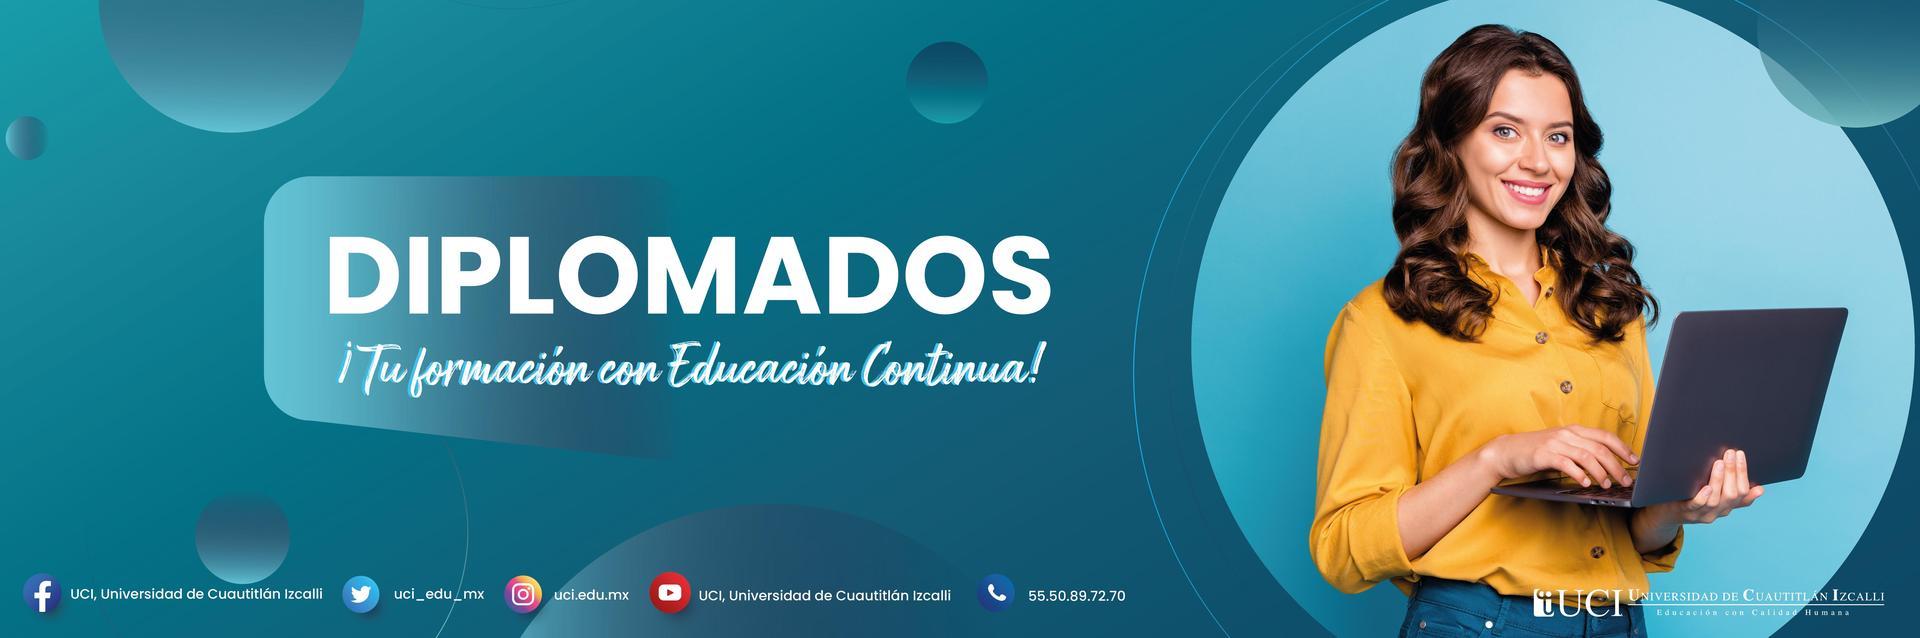 Educación Continuaa